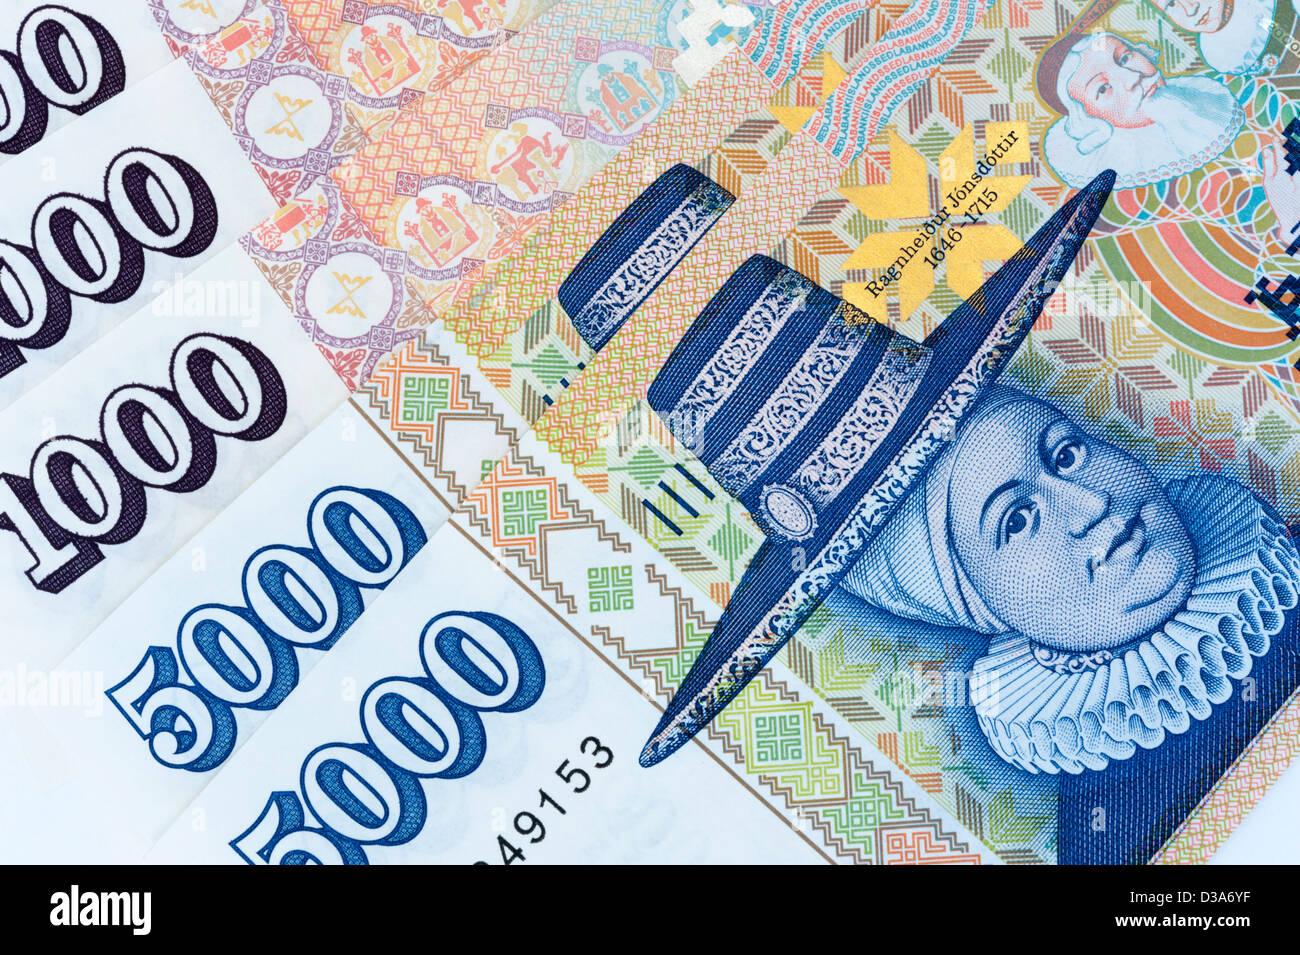 Icelandic Krona Stock Photos Icelandic Krona Stock Images Alamy